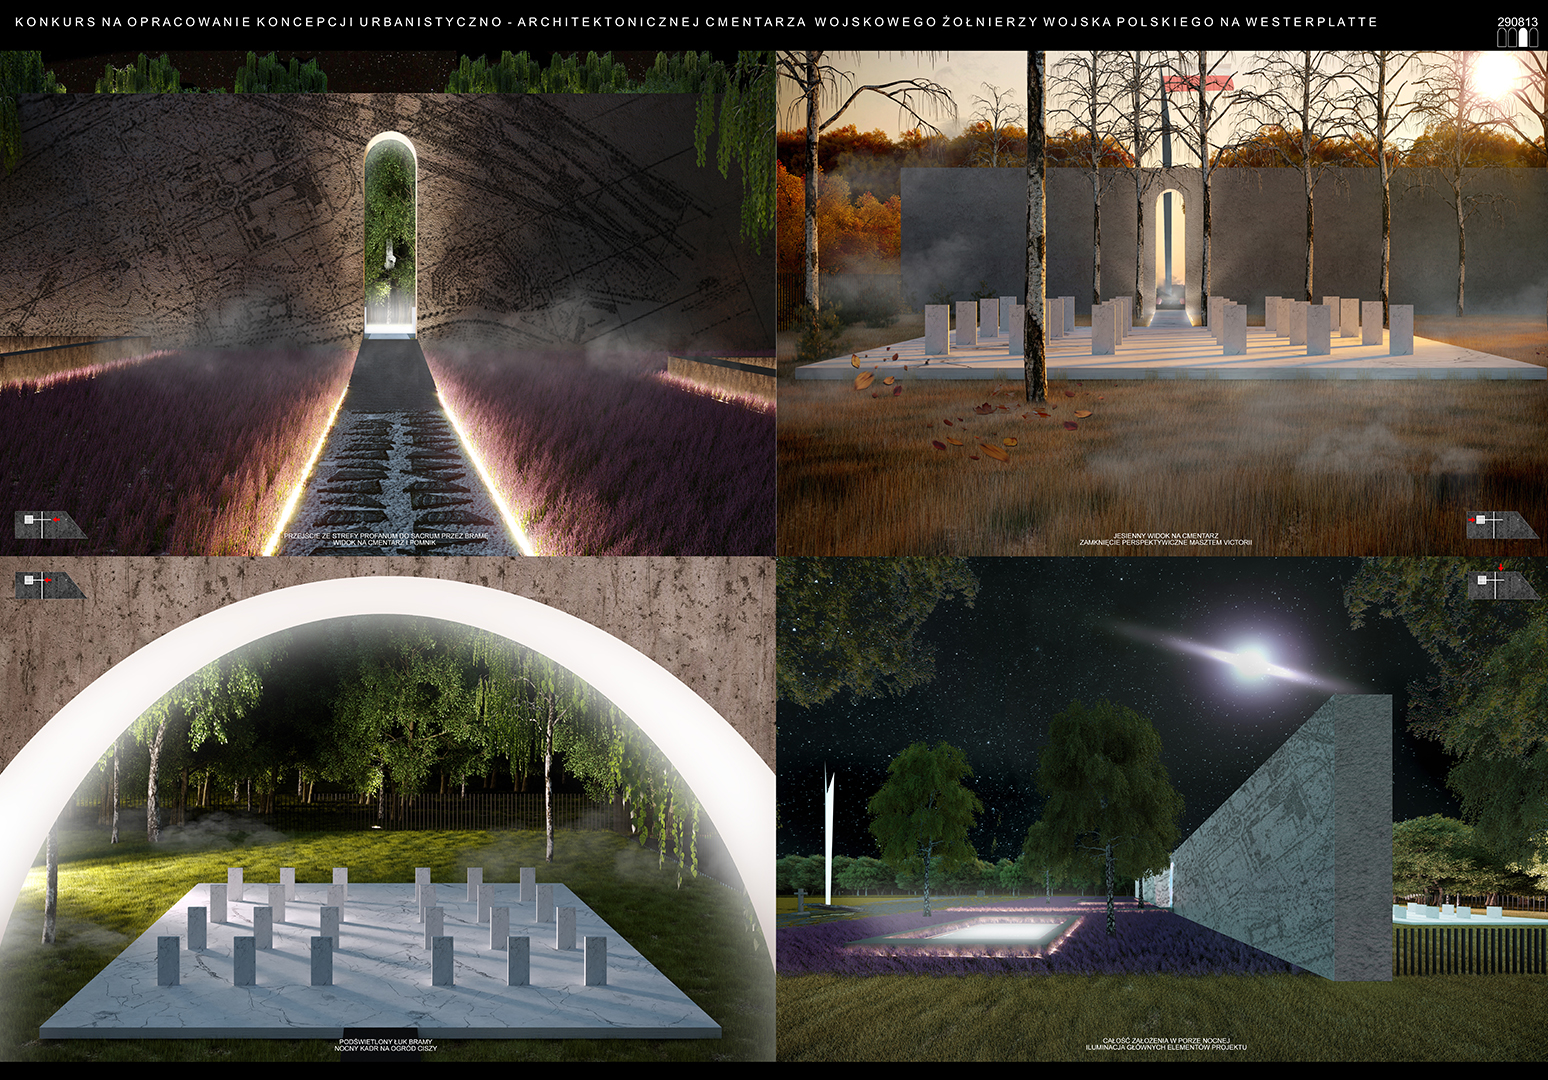 Cmentarz Wojskowy - wizualizacja 1